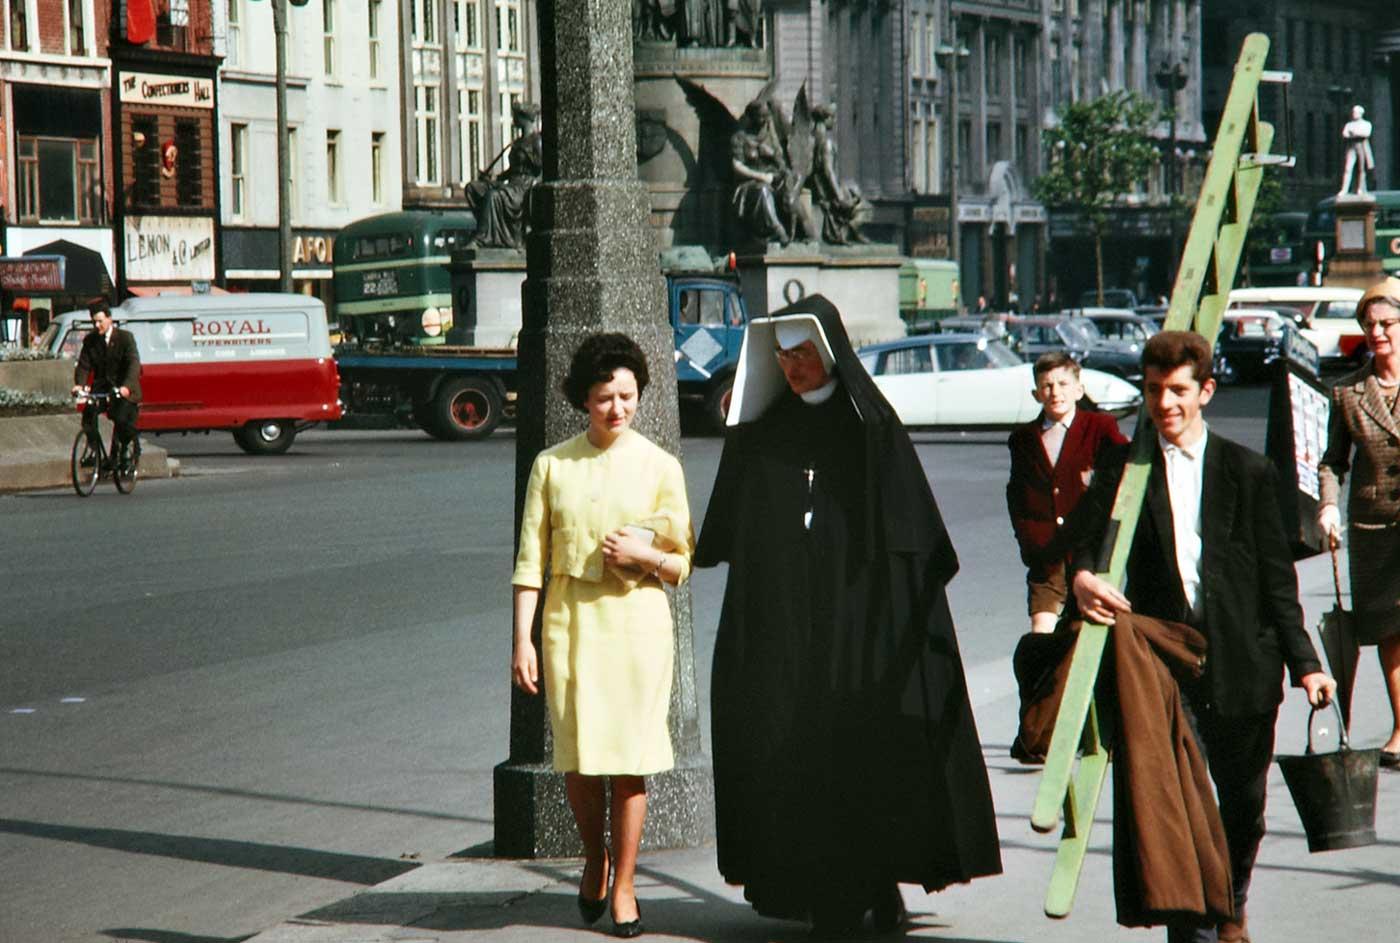 1963: O'Connell Street, Dublin